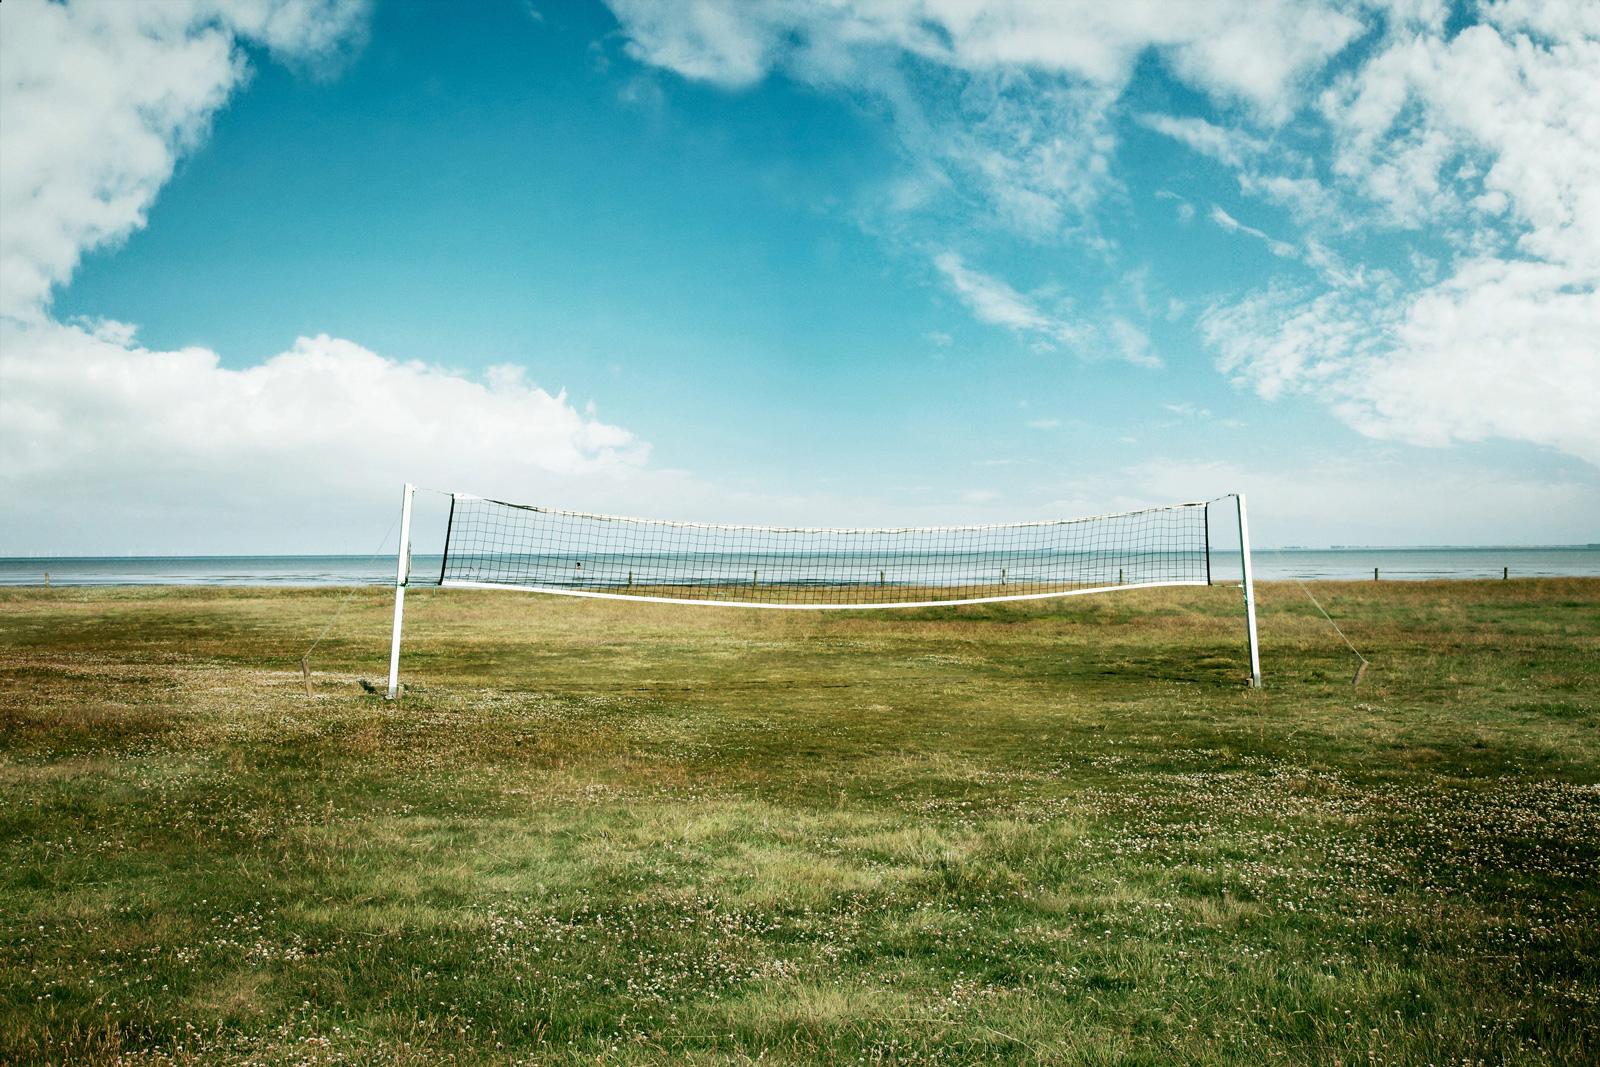 Sportsfield_02